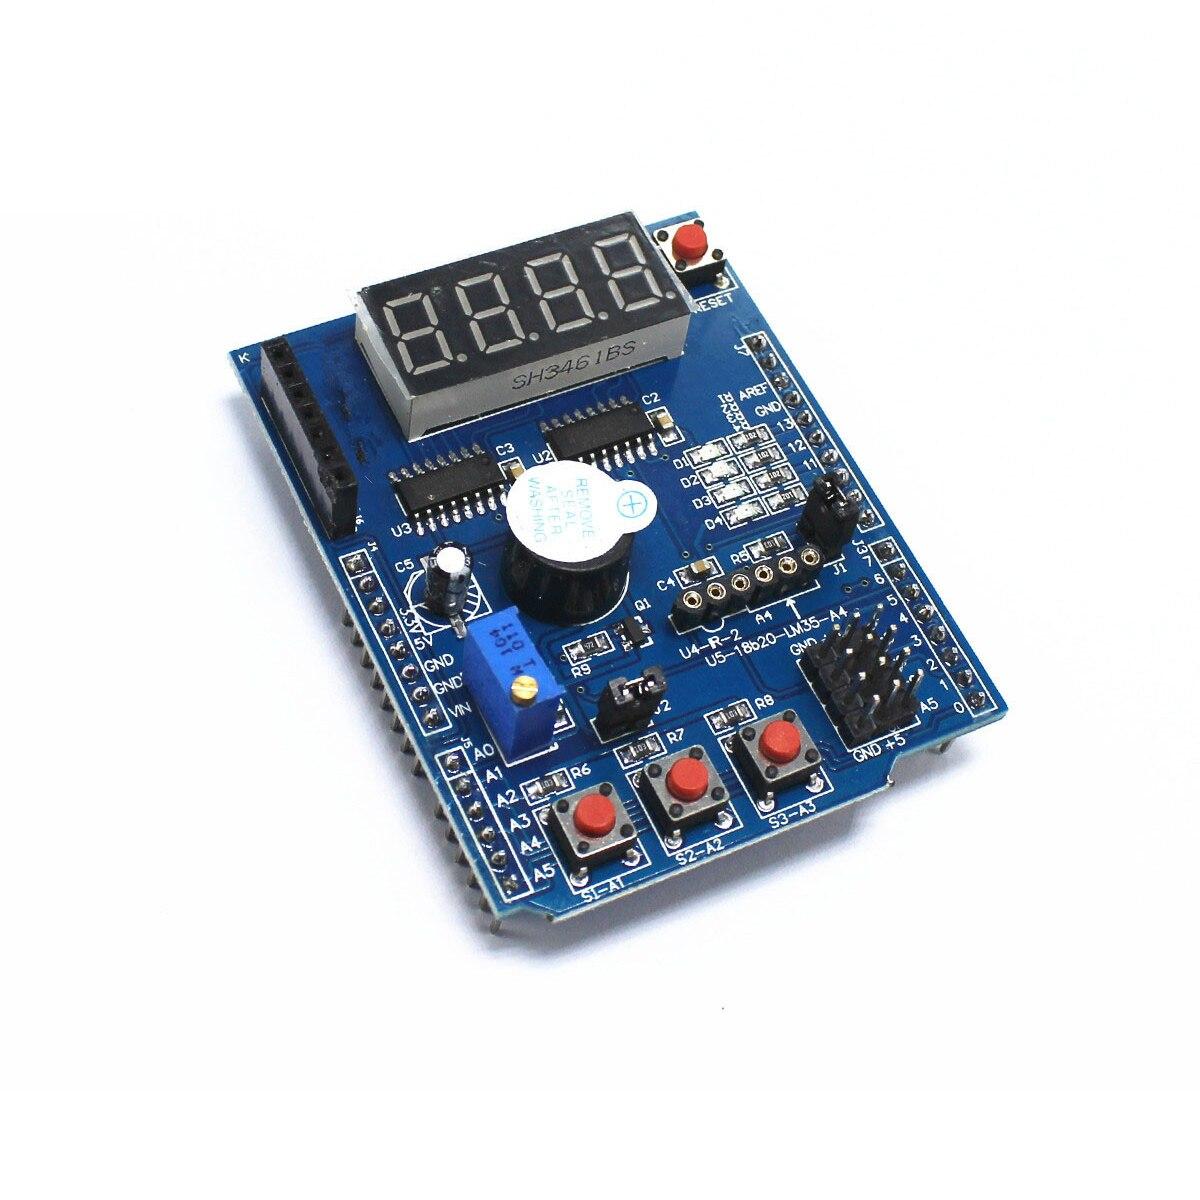 Kit placa de expansão multifuncional baseada aprendizagem para arduino uno r3 lenardo mega 2560 escudo